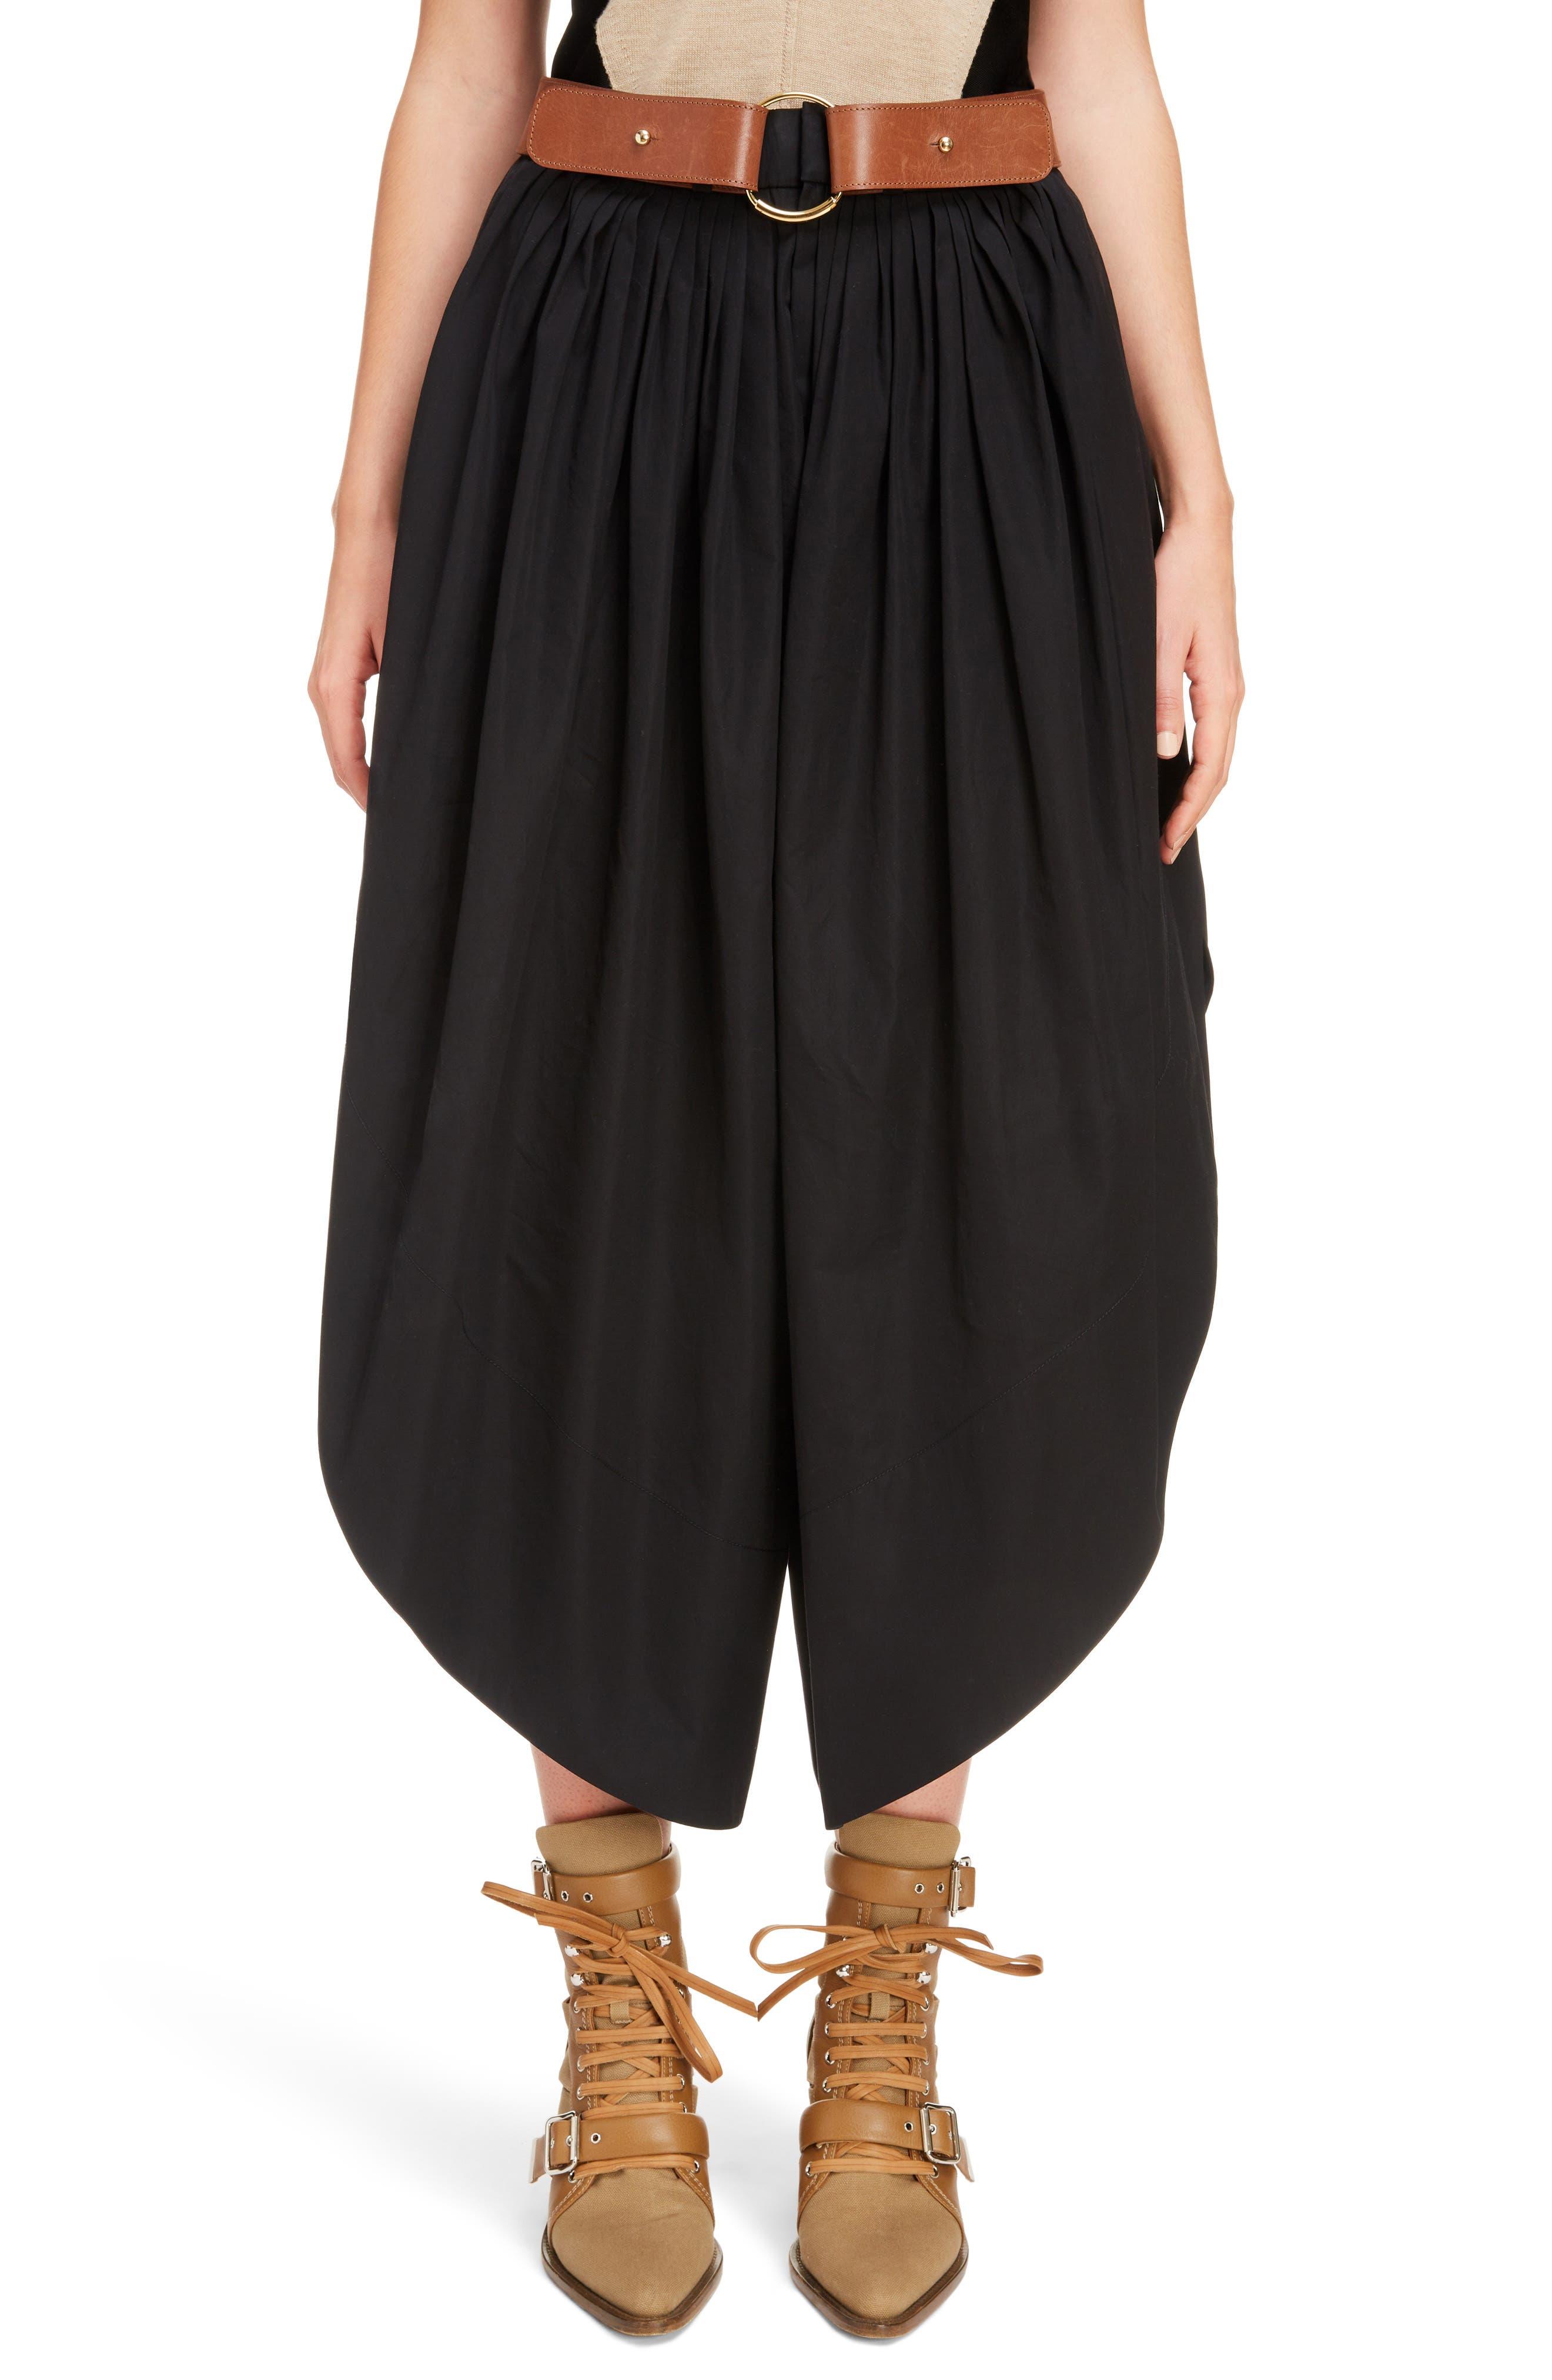 Alternate Image 1 Selected - Chloé Side Slit Belted Poplin Pants